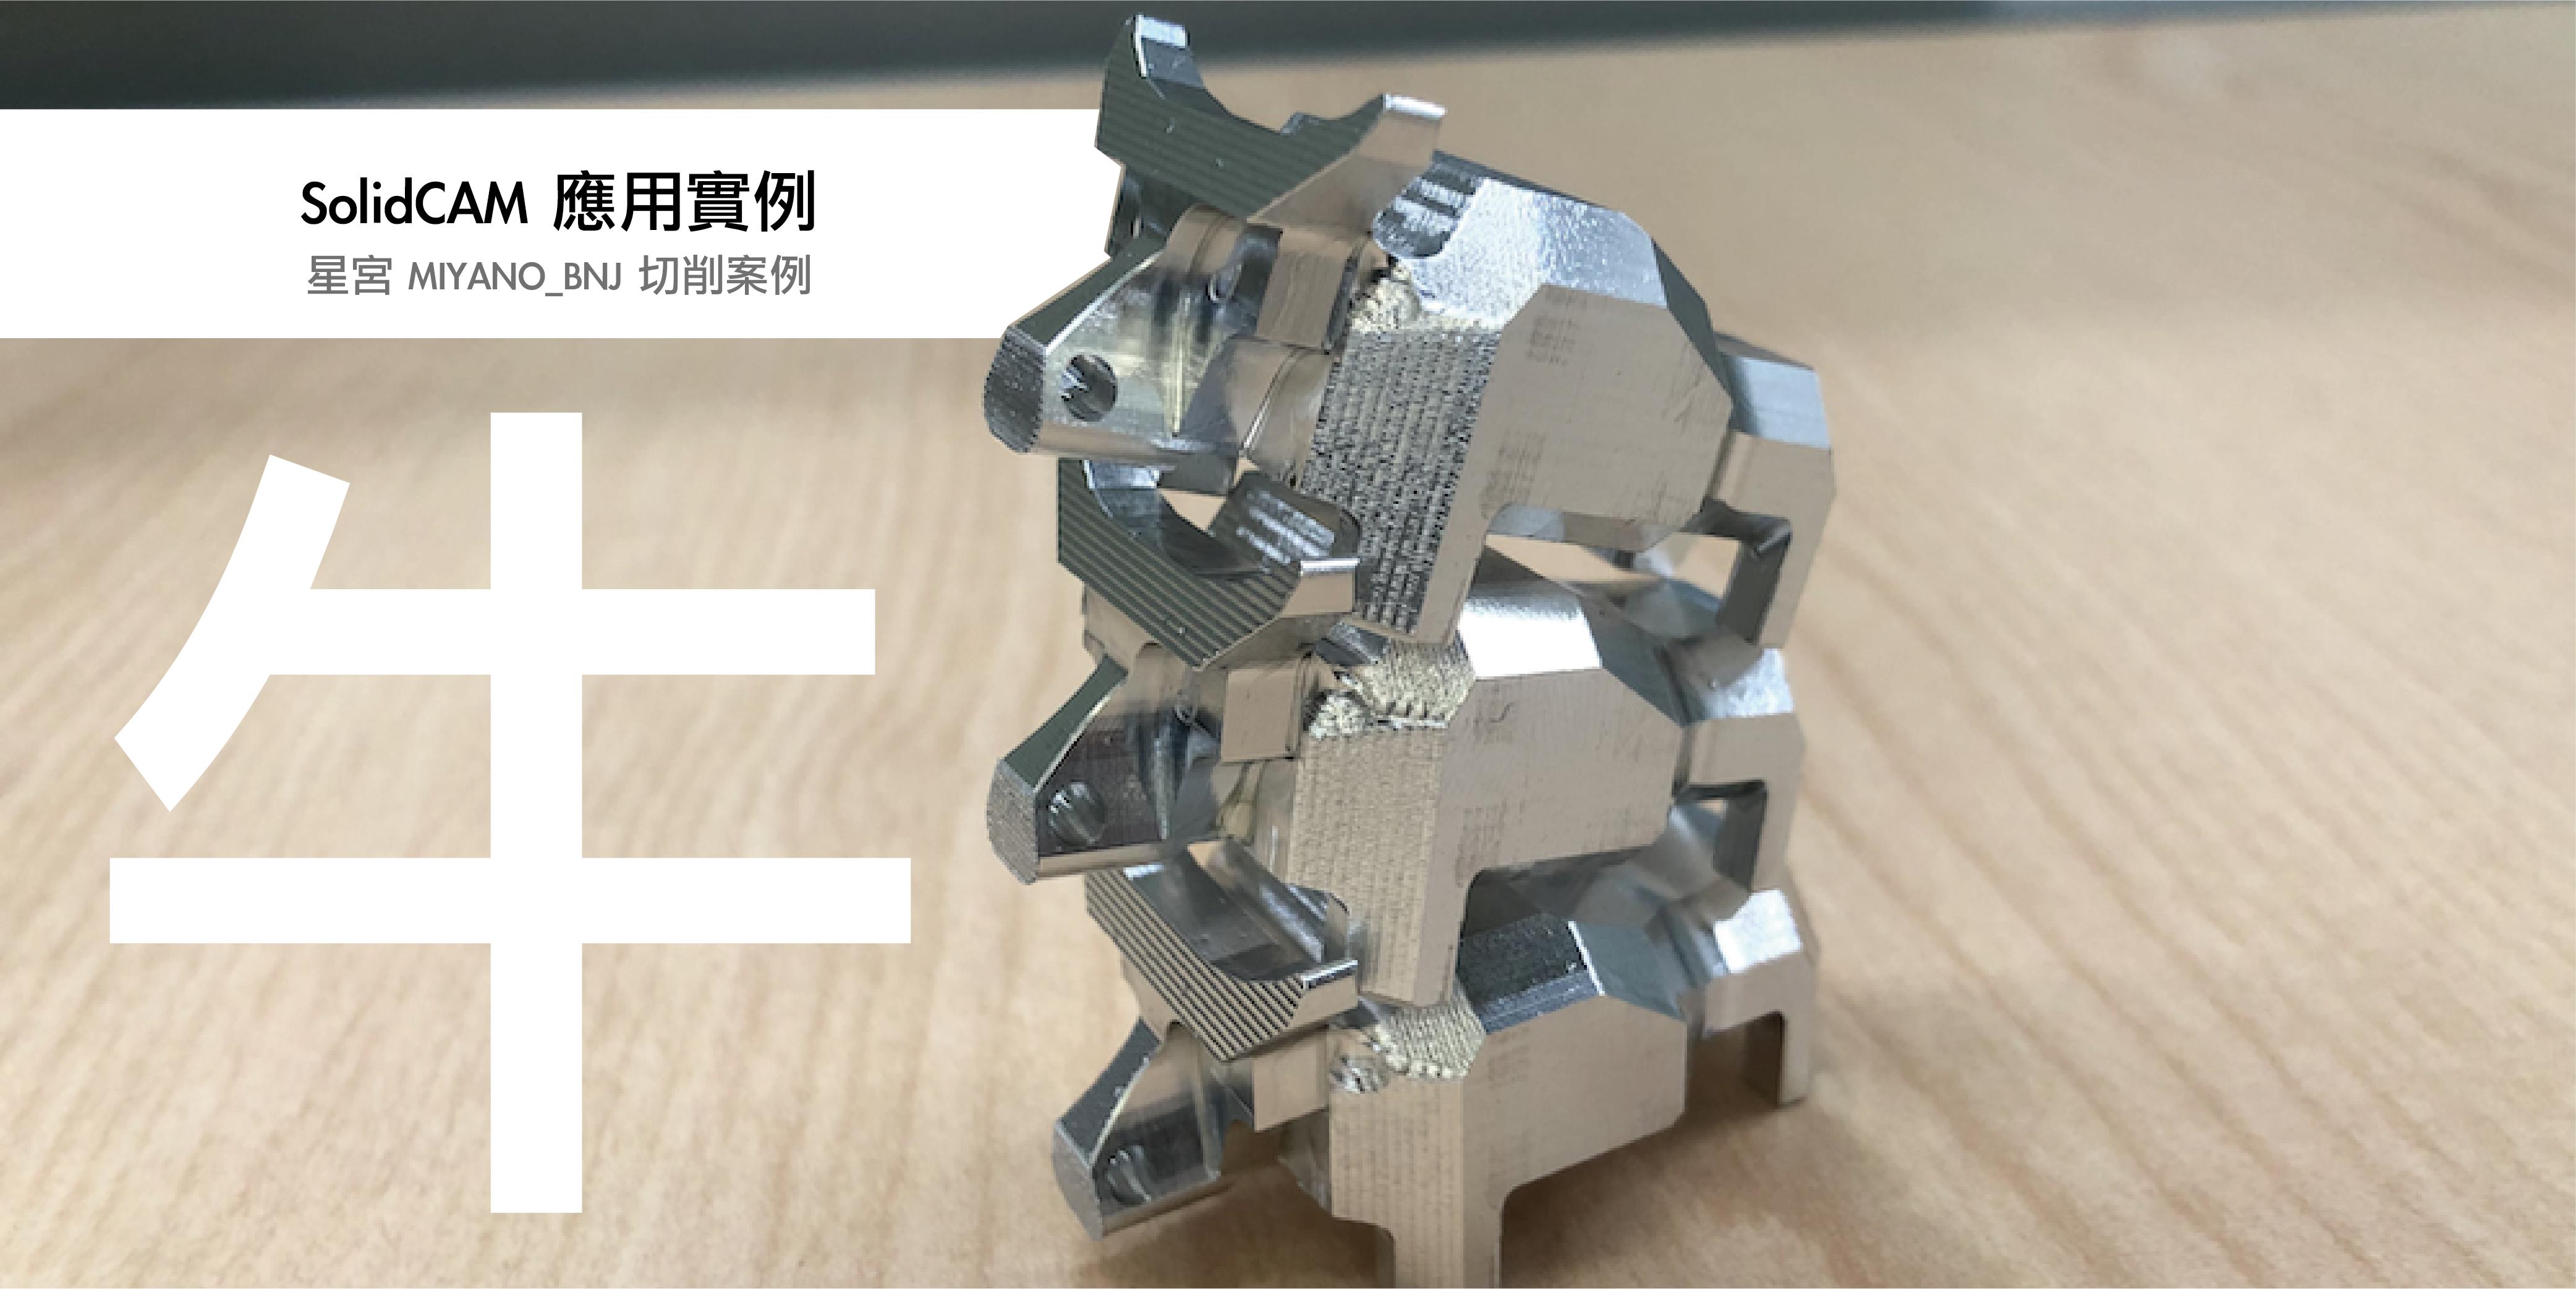 星宮 美亞諾 MIYANO_BNJ SolidCAM 使用案例